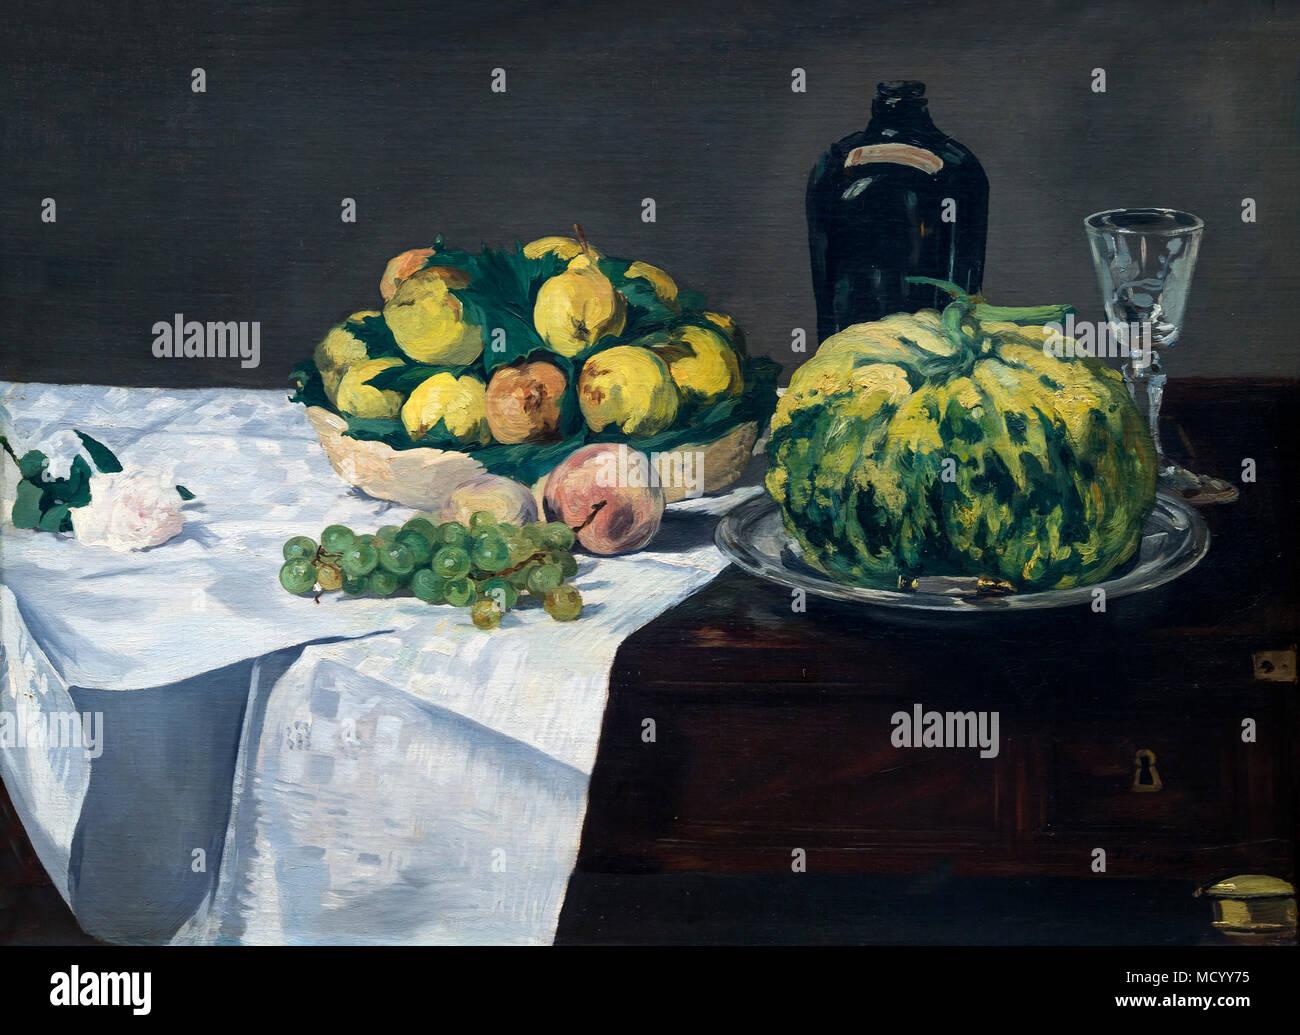 Nature morte au melon et pêches, Edouard Manet, vers 1866, National Gallery of Art, Washington DC, USA, Amérique du Nord Photo Stock